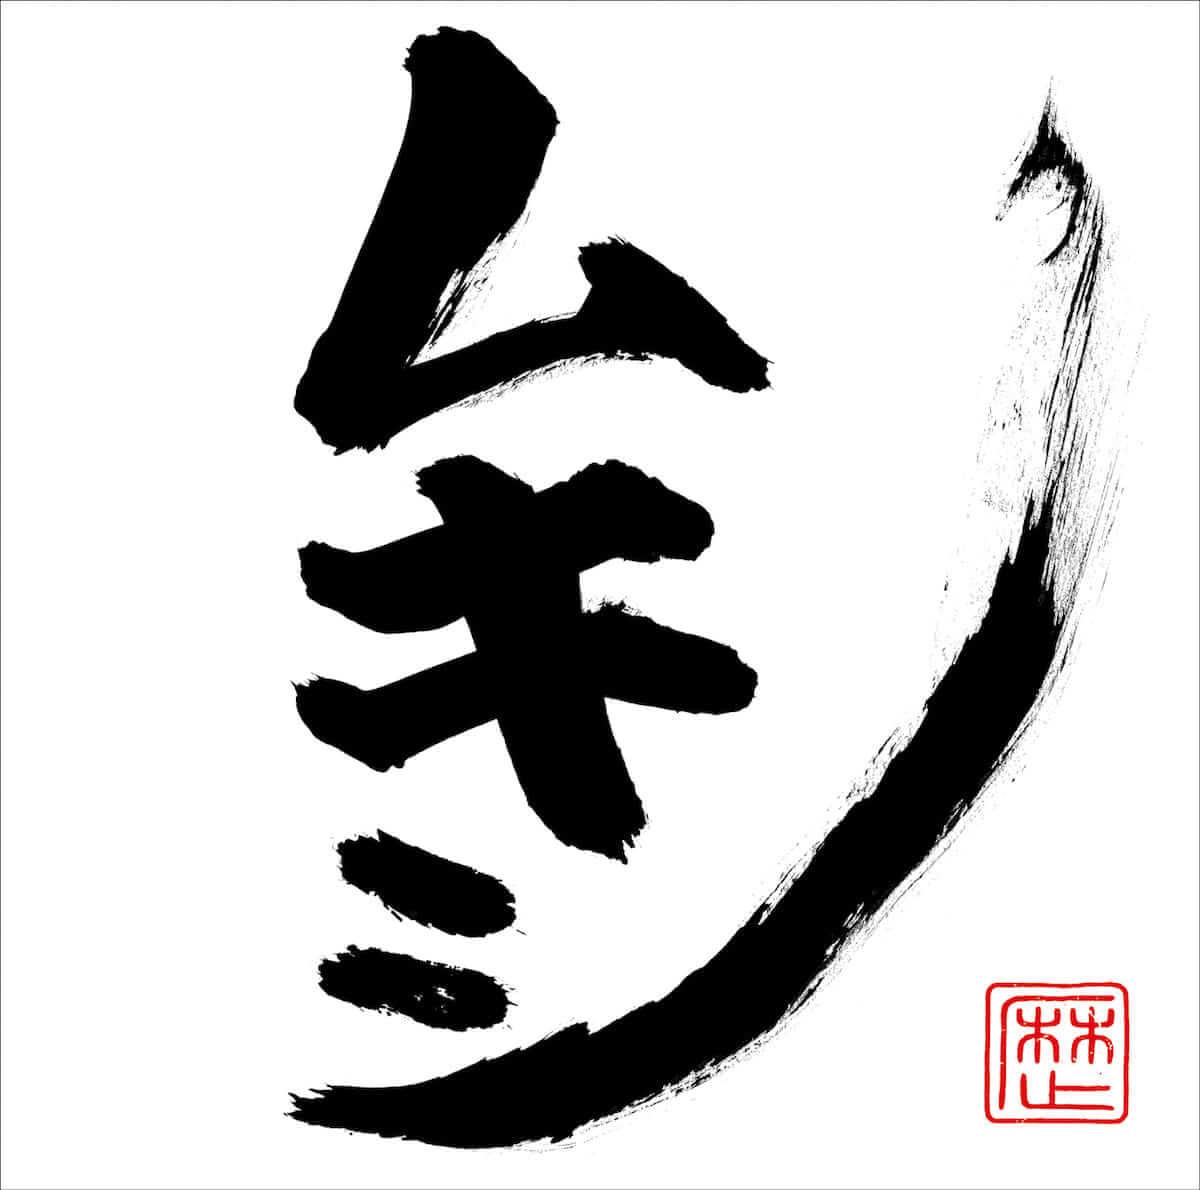 レキシが9月に6枚目のアルバム「ムキシ」をリリース|ゲスト第1弾で三浦大知、上原ひろみ、手嶌葵が発表 music180810-rekishi-4-1200x1190